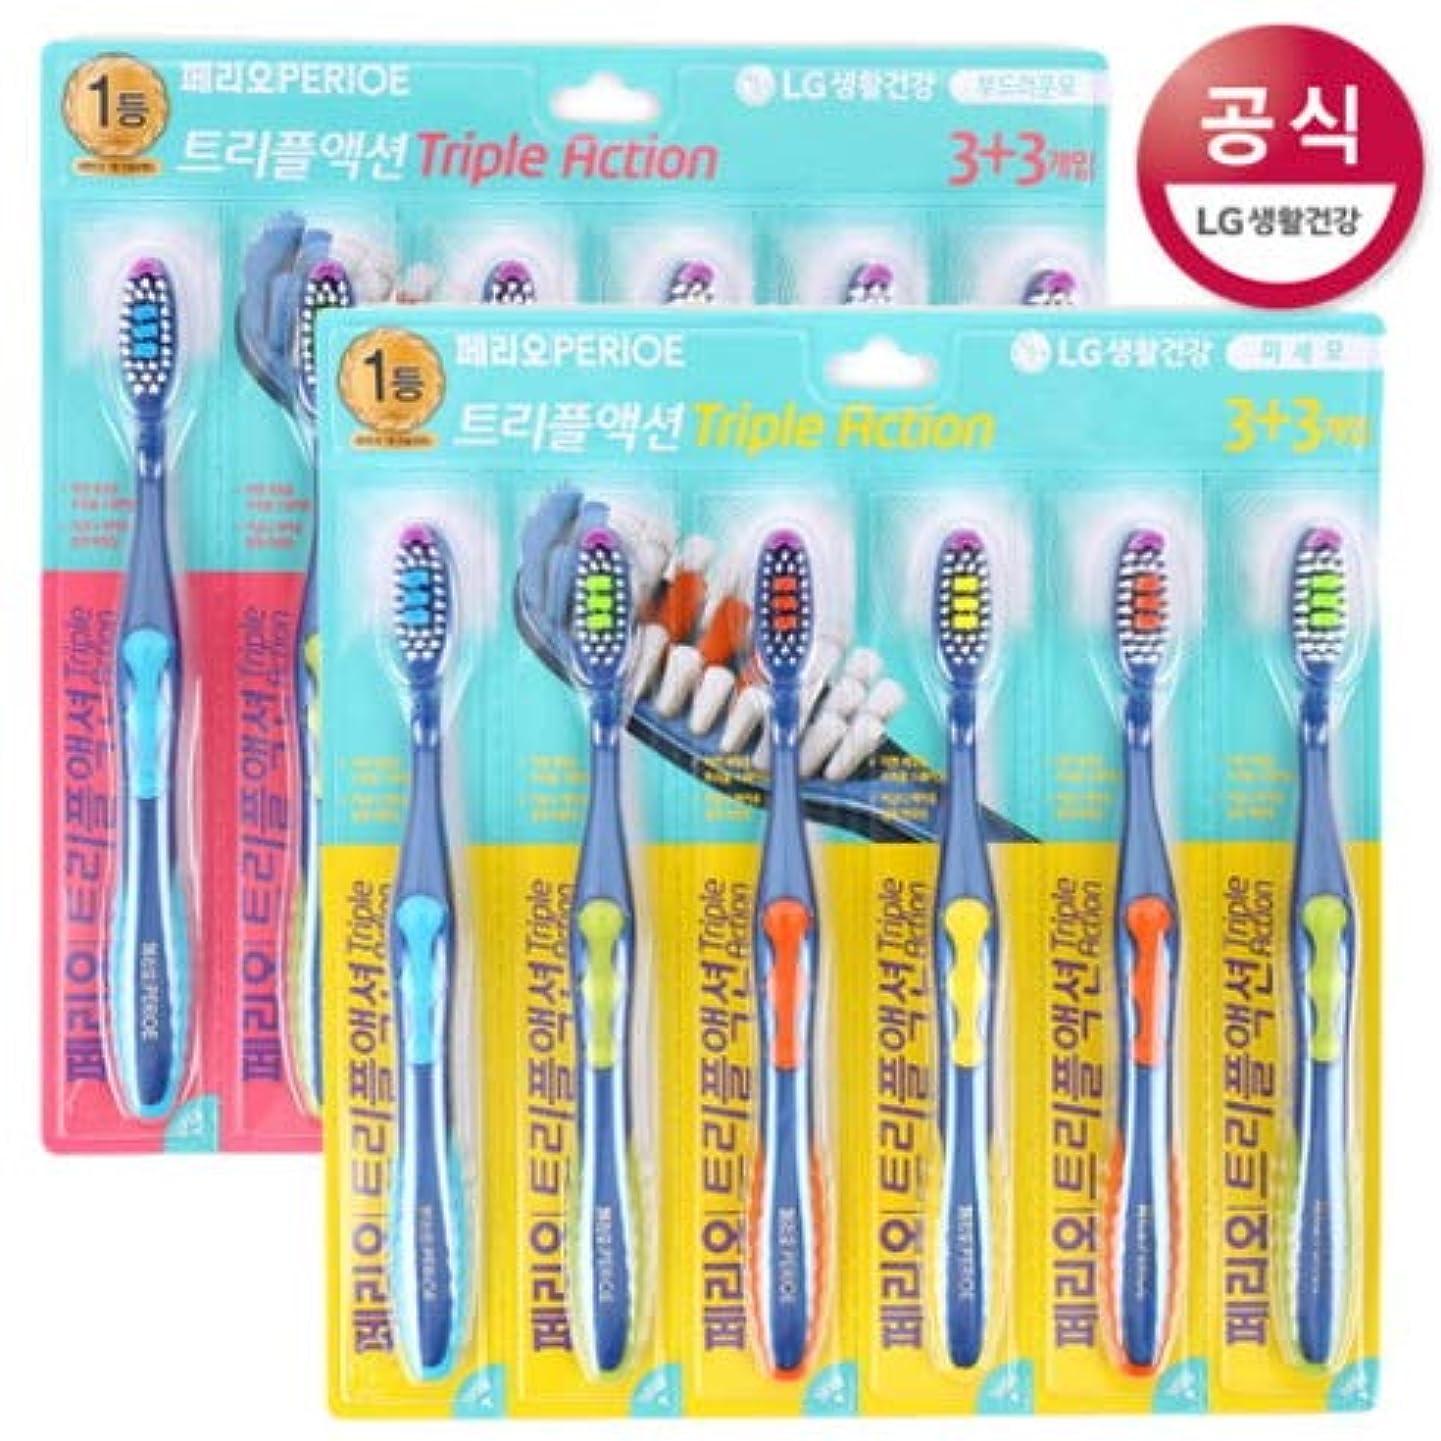 幸運巨大カジュアル[LG HnB] Perio Triple Action Toothbrush/ペリオトリプルアクション歯ブラシ 6口x2個(海外直送品)